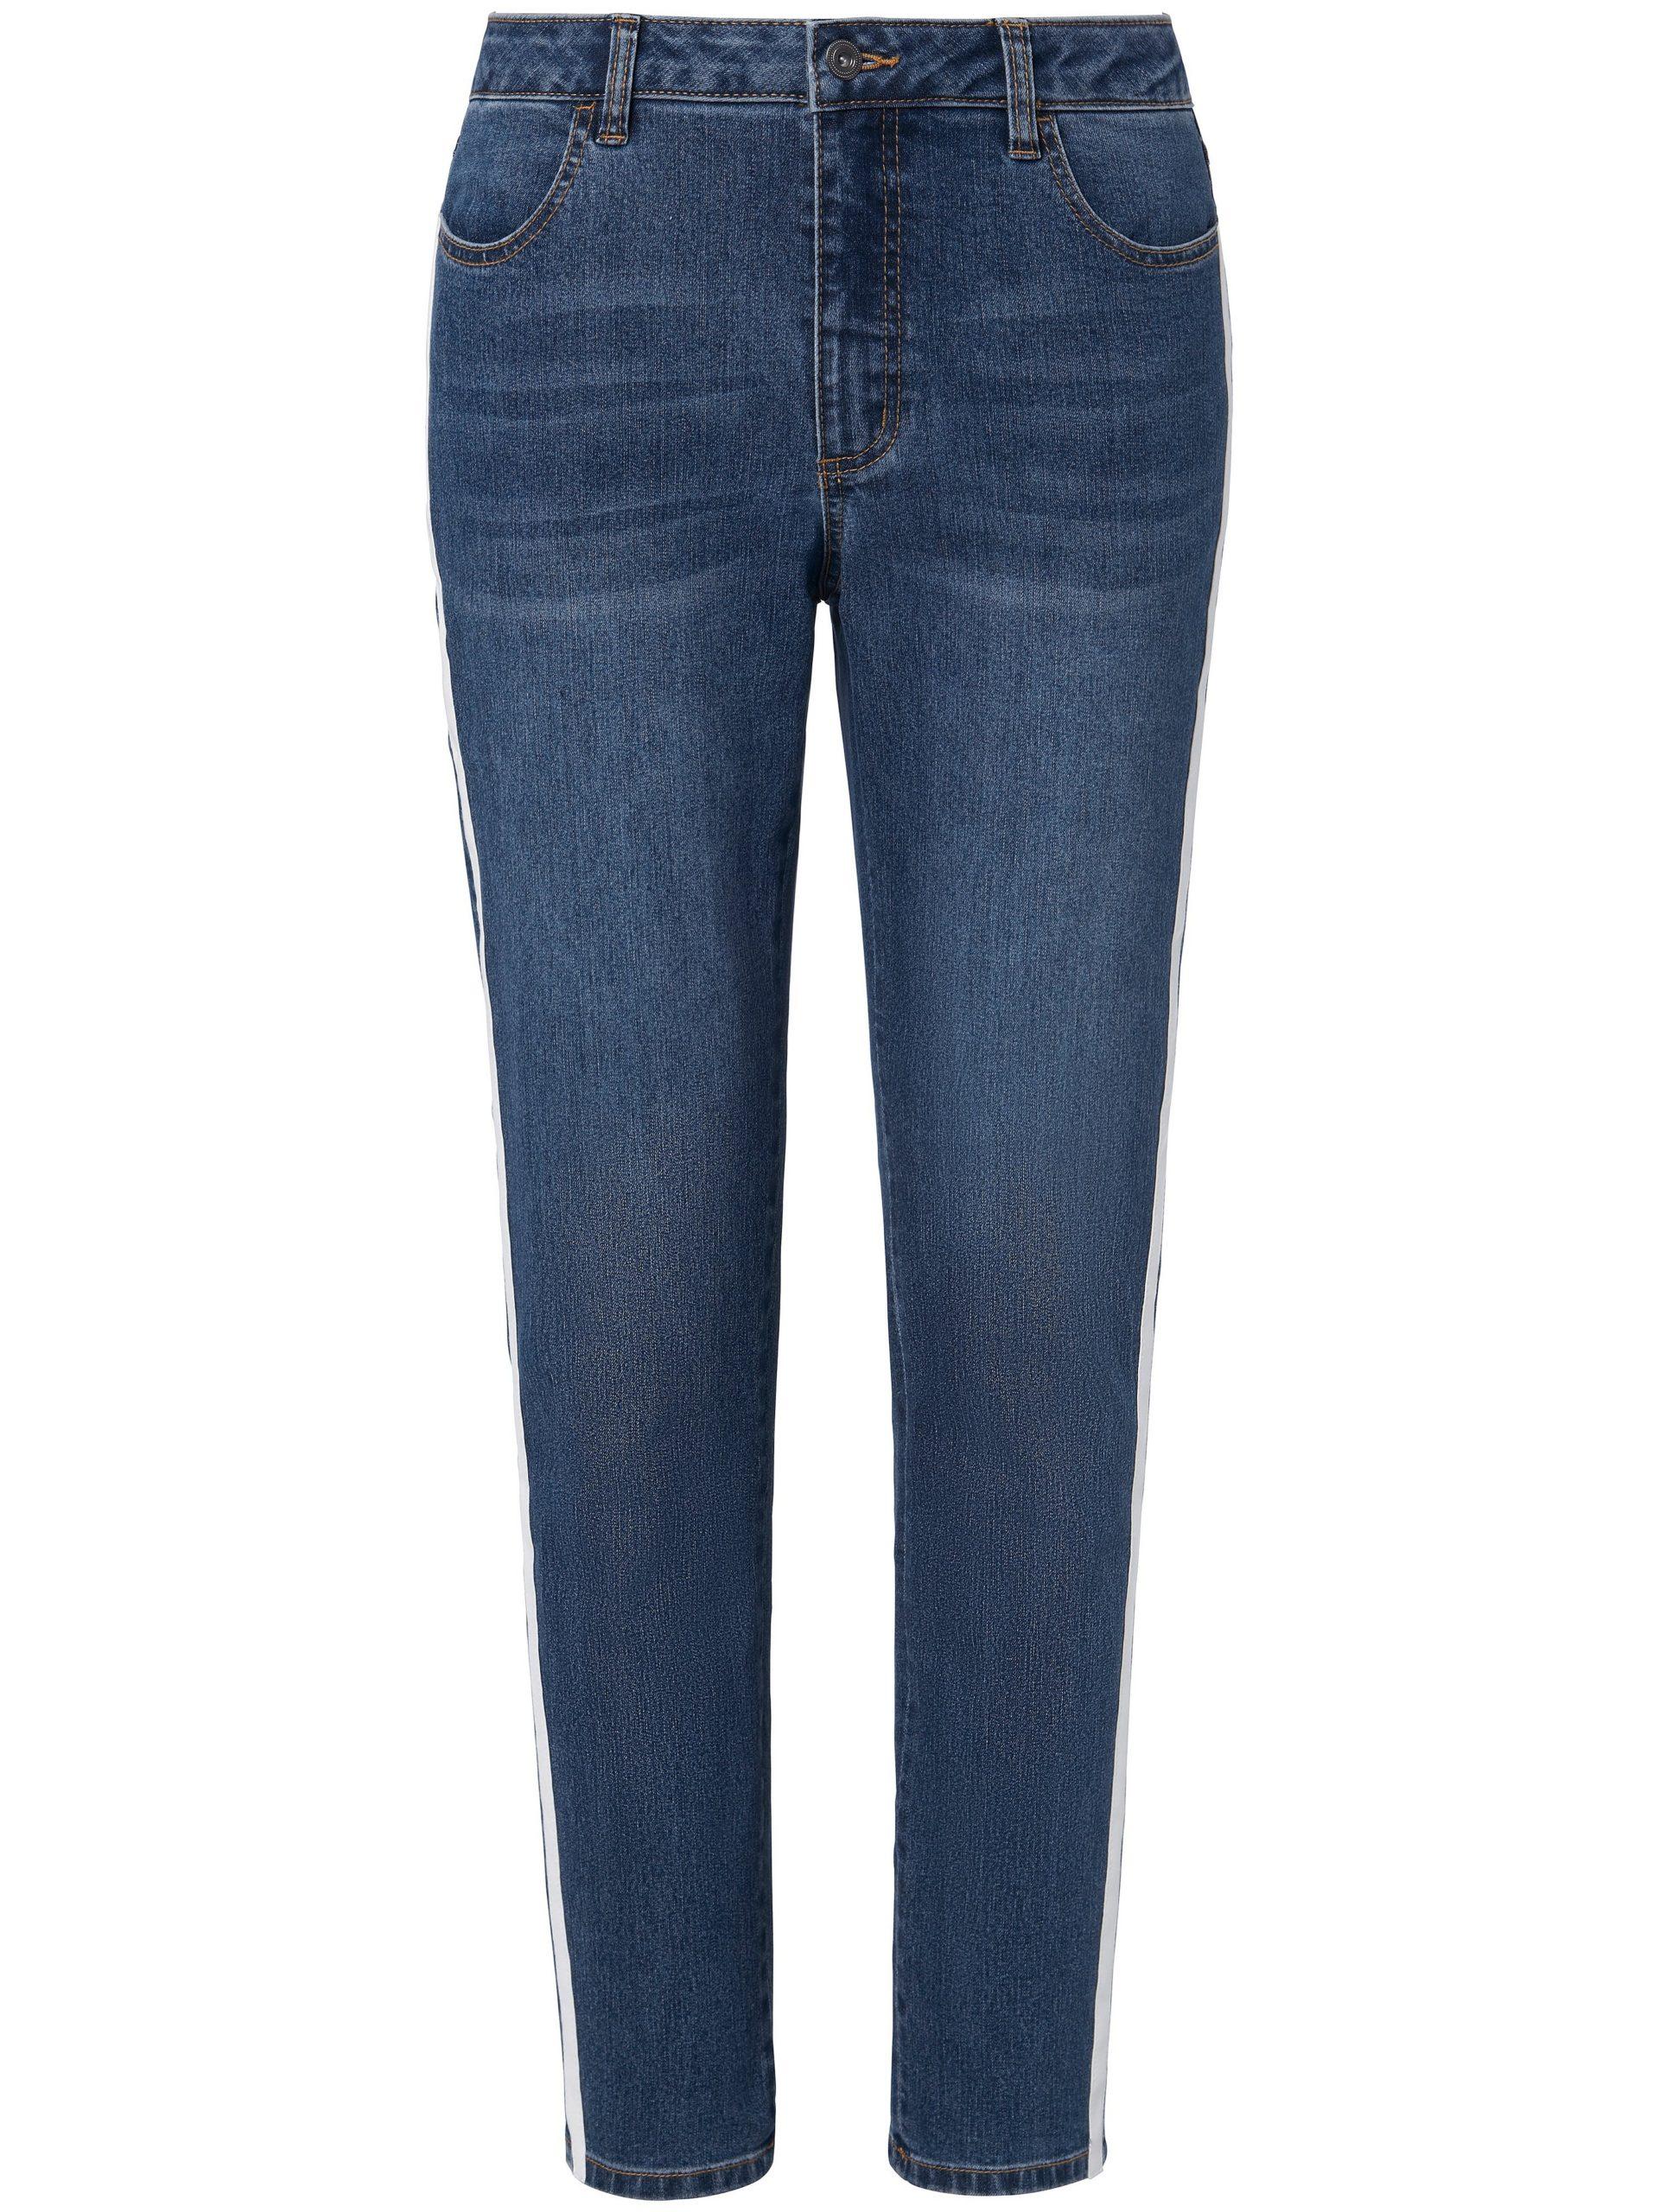 7/8-jeans met bandje langs de zijnaden Van Emilia Lay denim Kopen